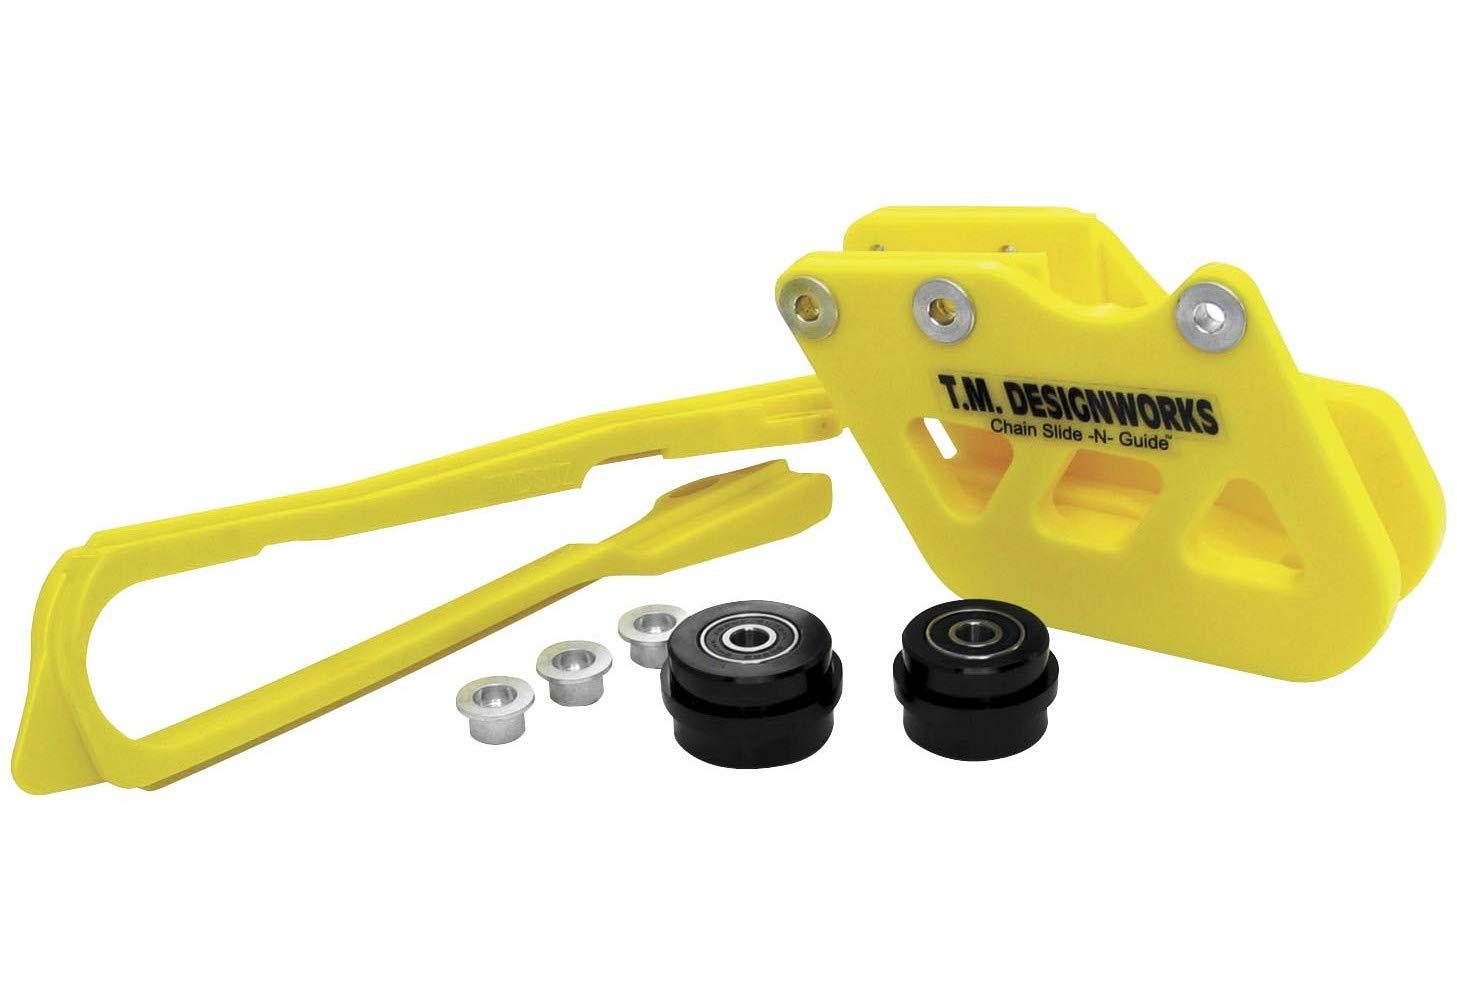 TM Designworks Dirt Chain Slide-N-Glide Yellow for Suzuki RM//X//Z